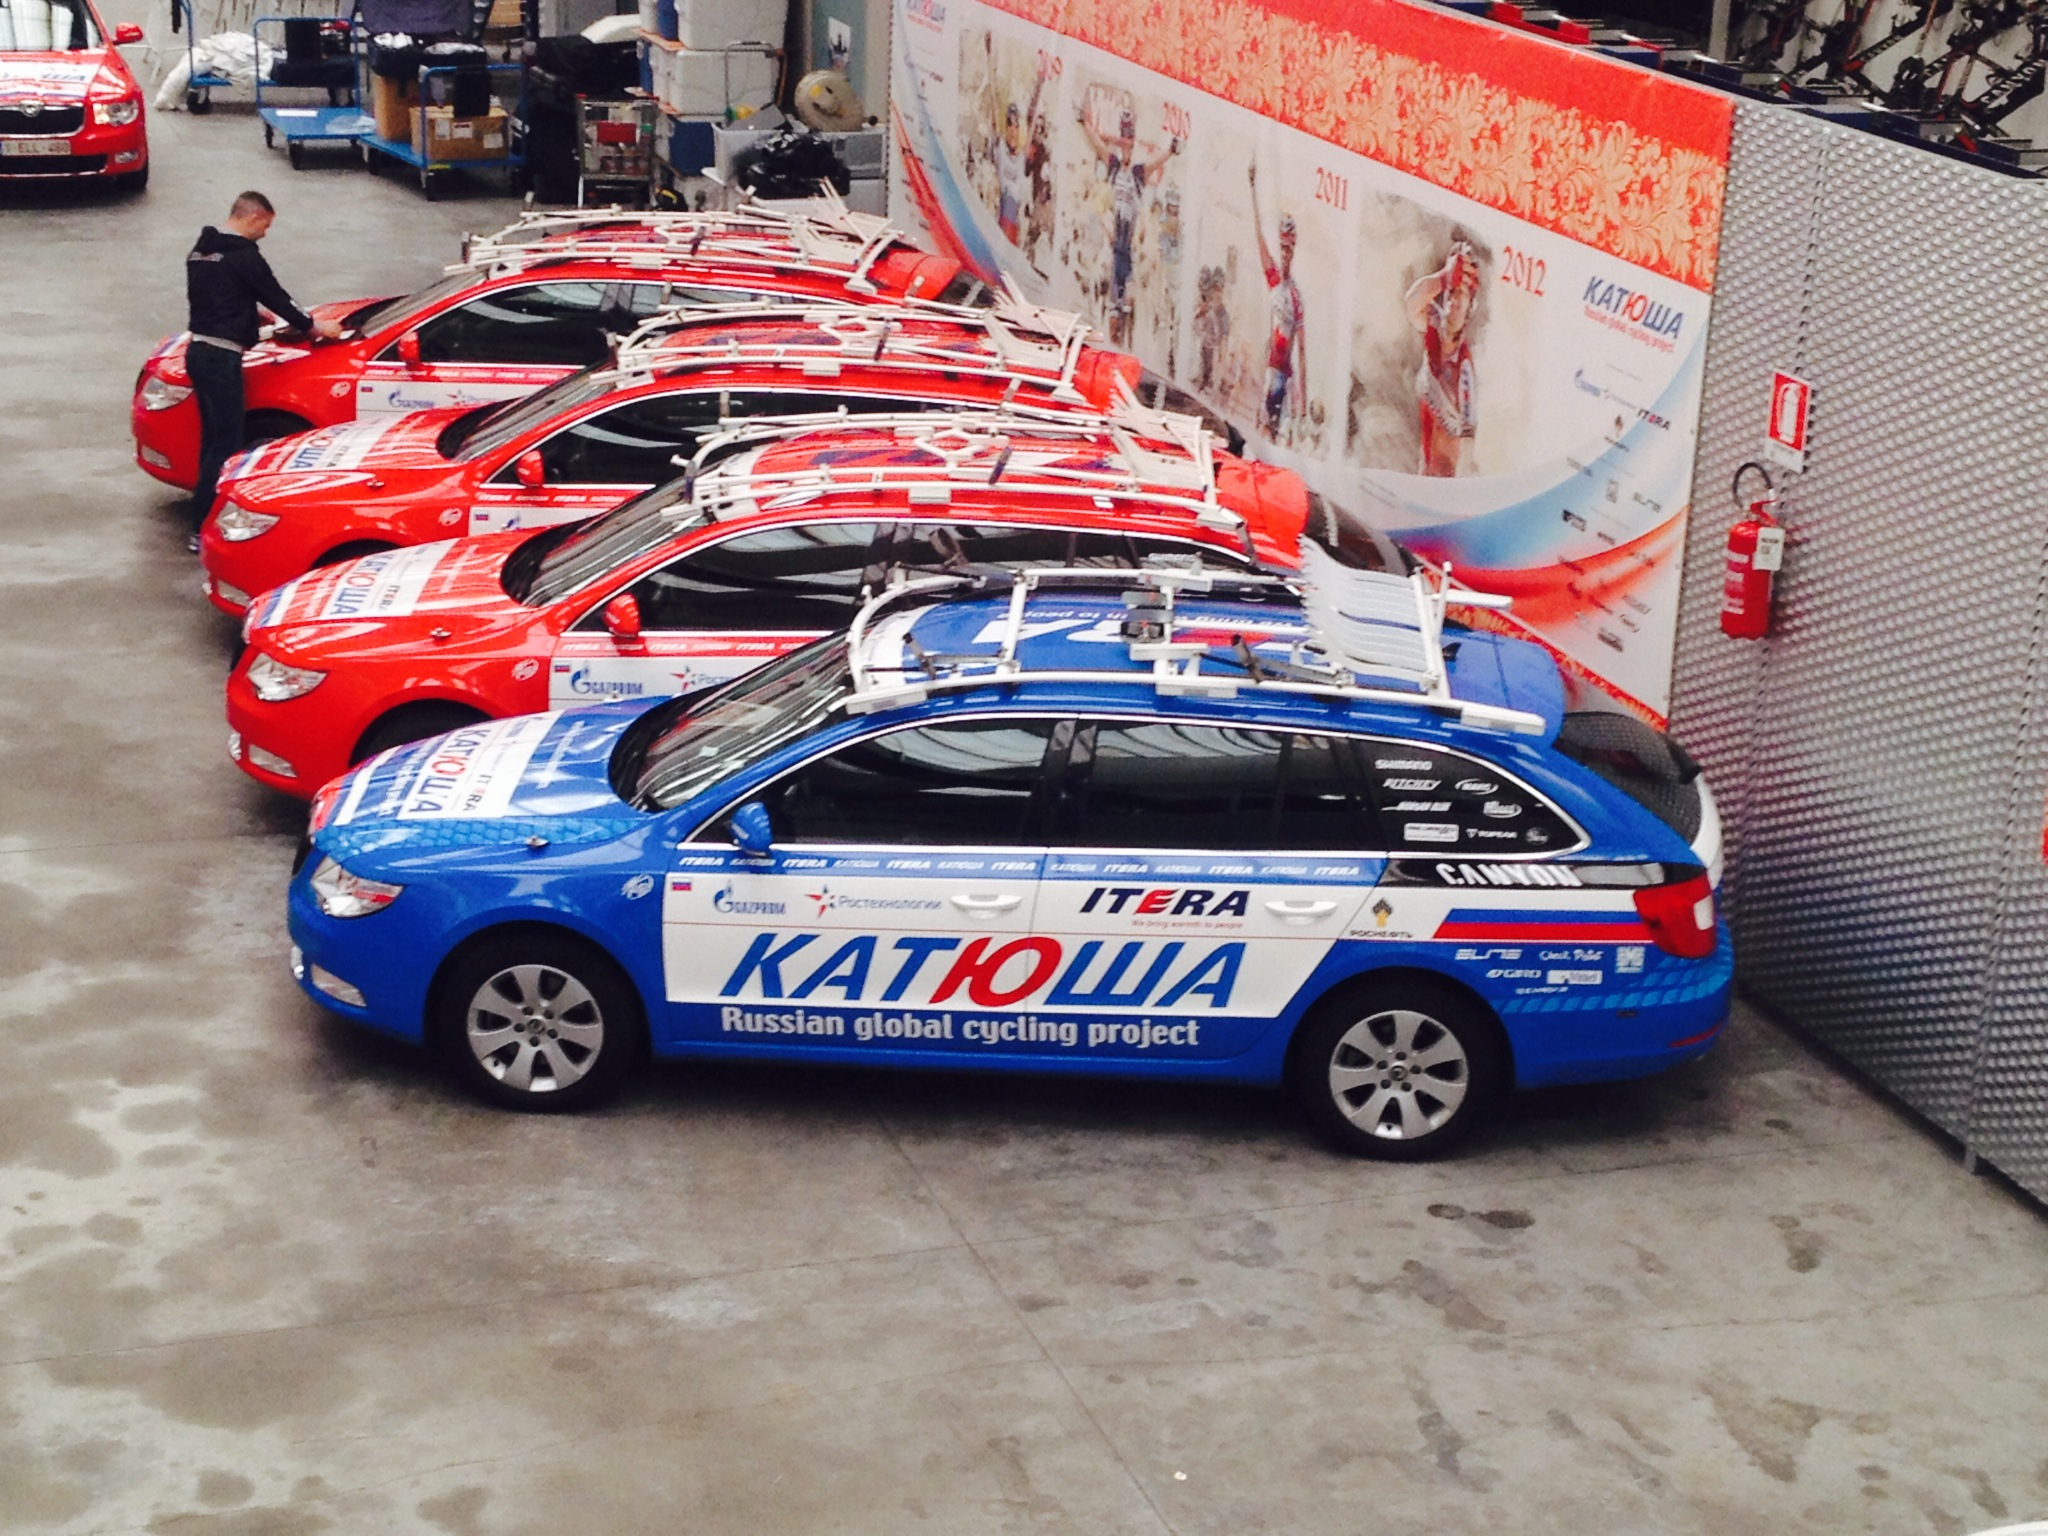 Wizyta robocza w Katusha